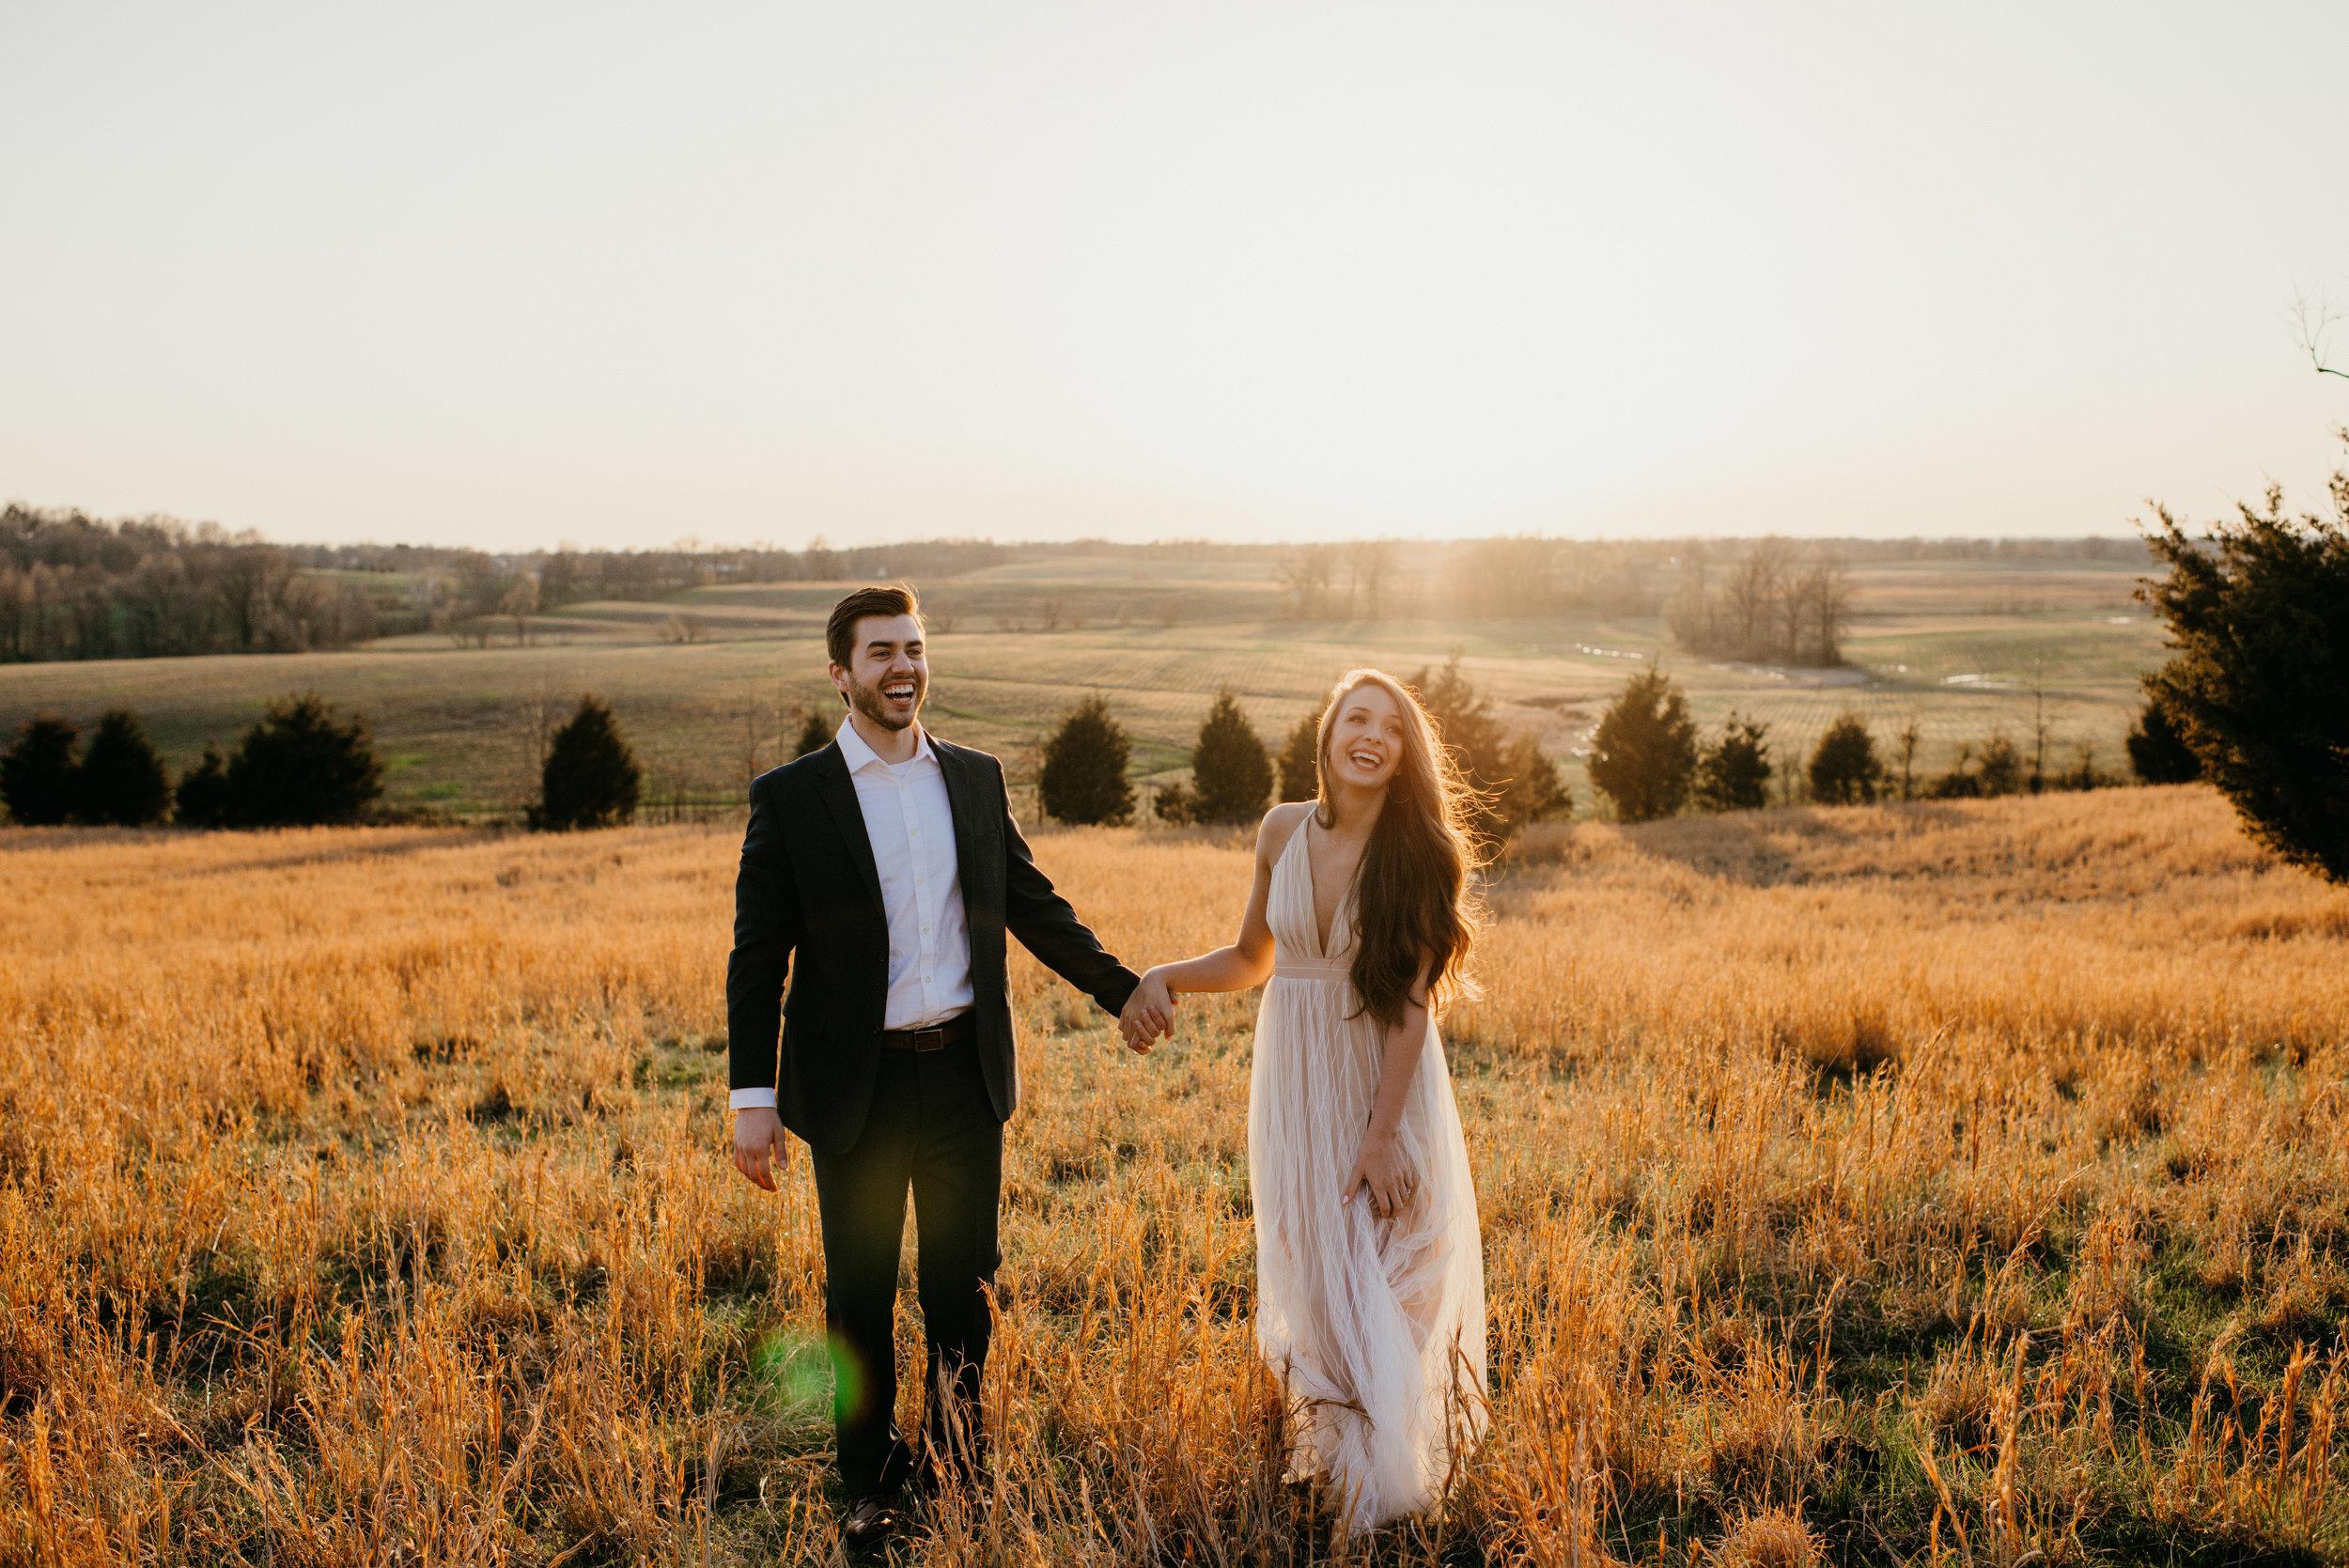 Zach&Rosalie Marion St. Louis WeddingPhotographer Paducah Kentucky Wedding Photographer-0048.jpg